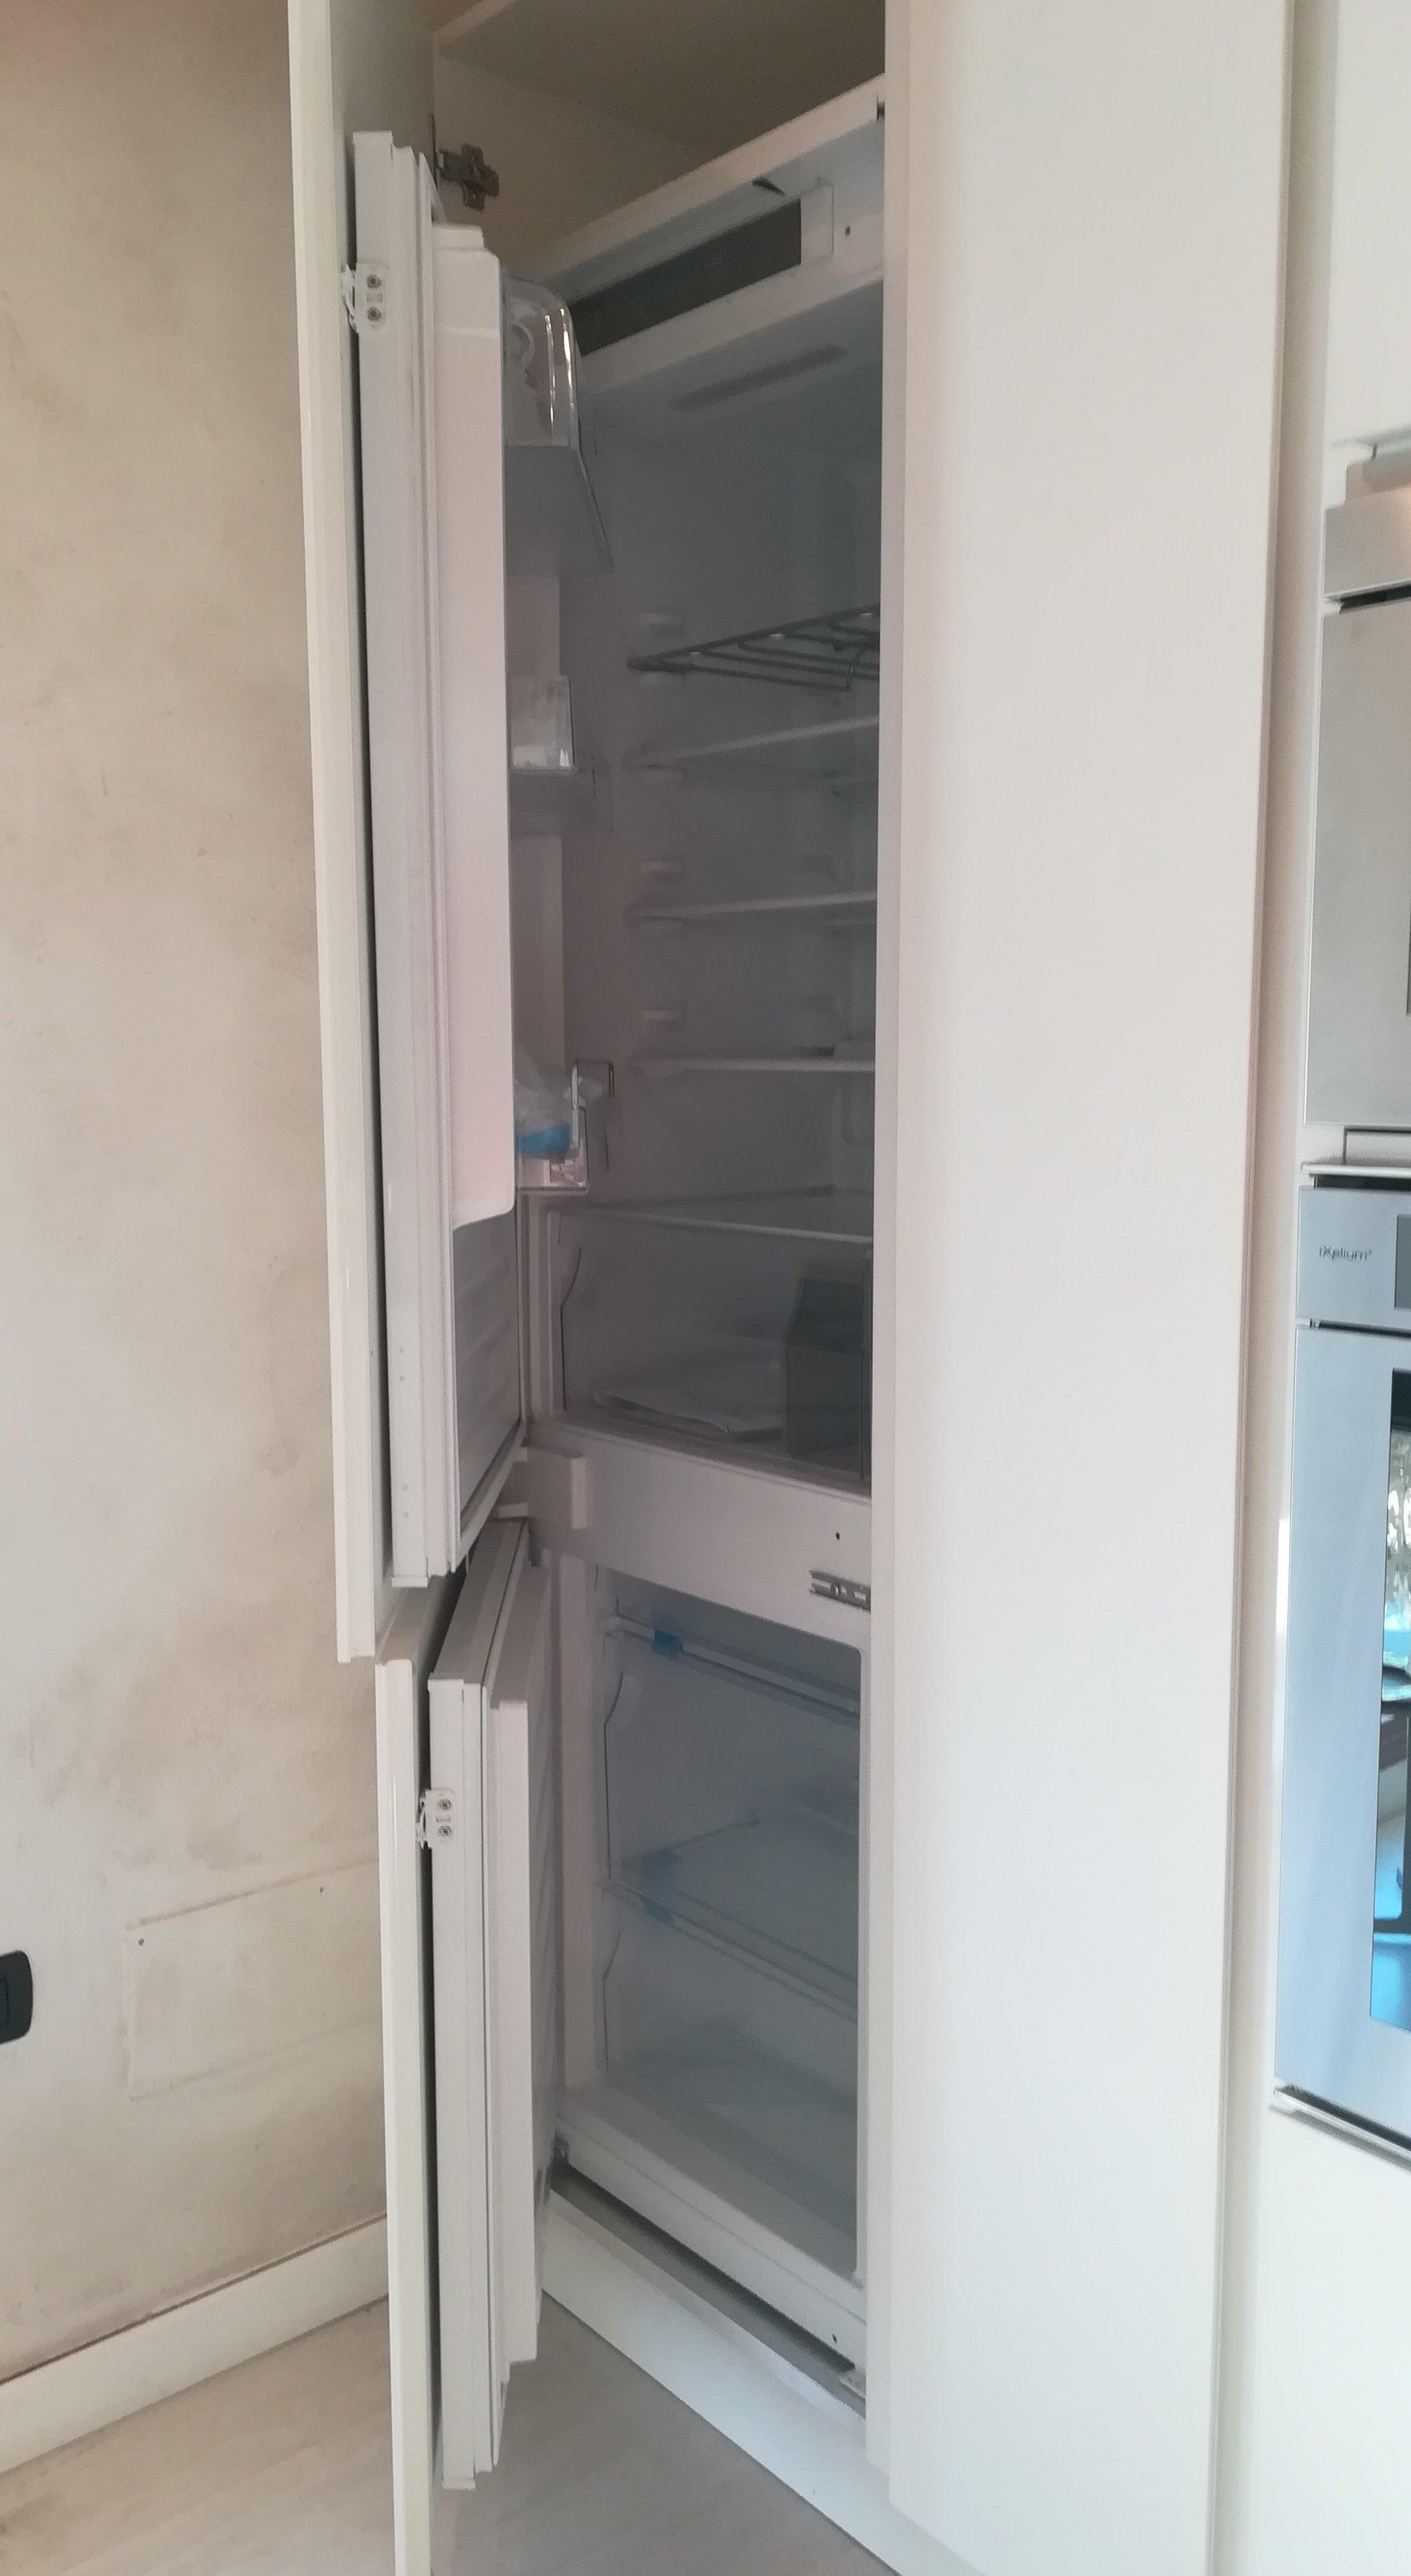 frigo congelatore incassato in cucina